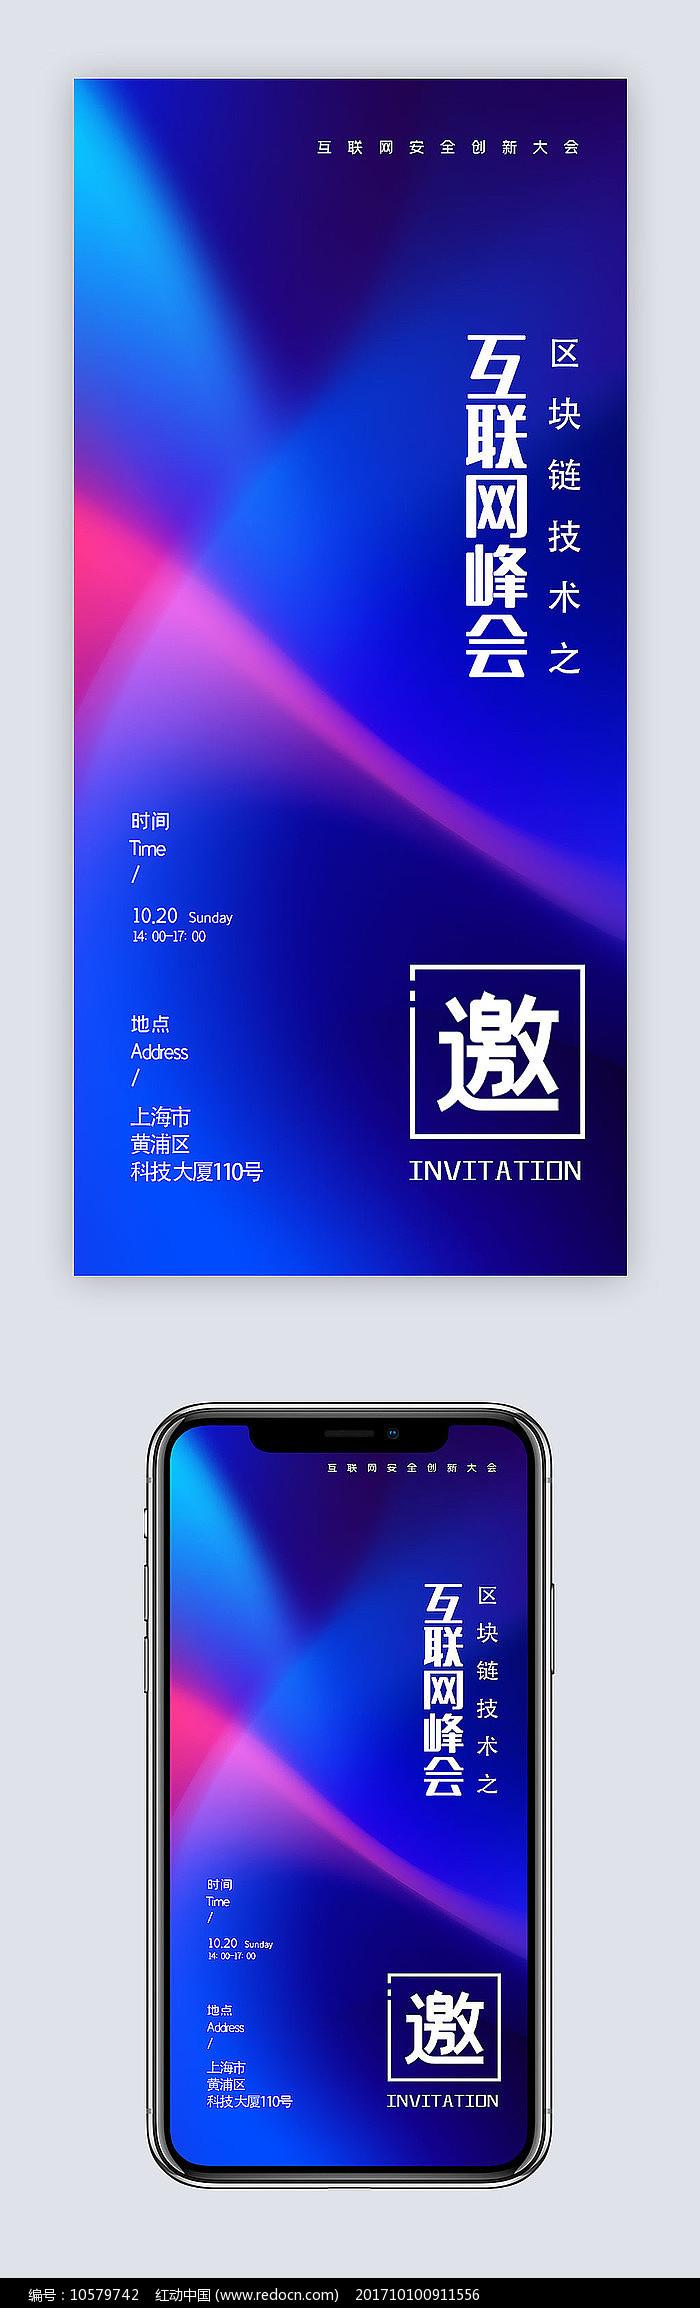 蓝色动感大气地产科技邀请函微信海报图片